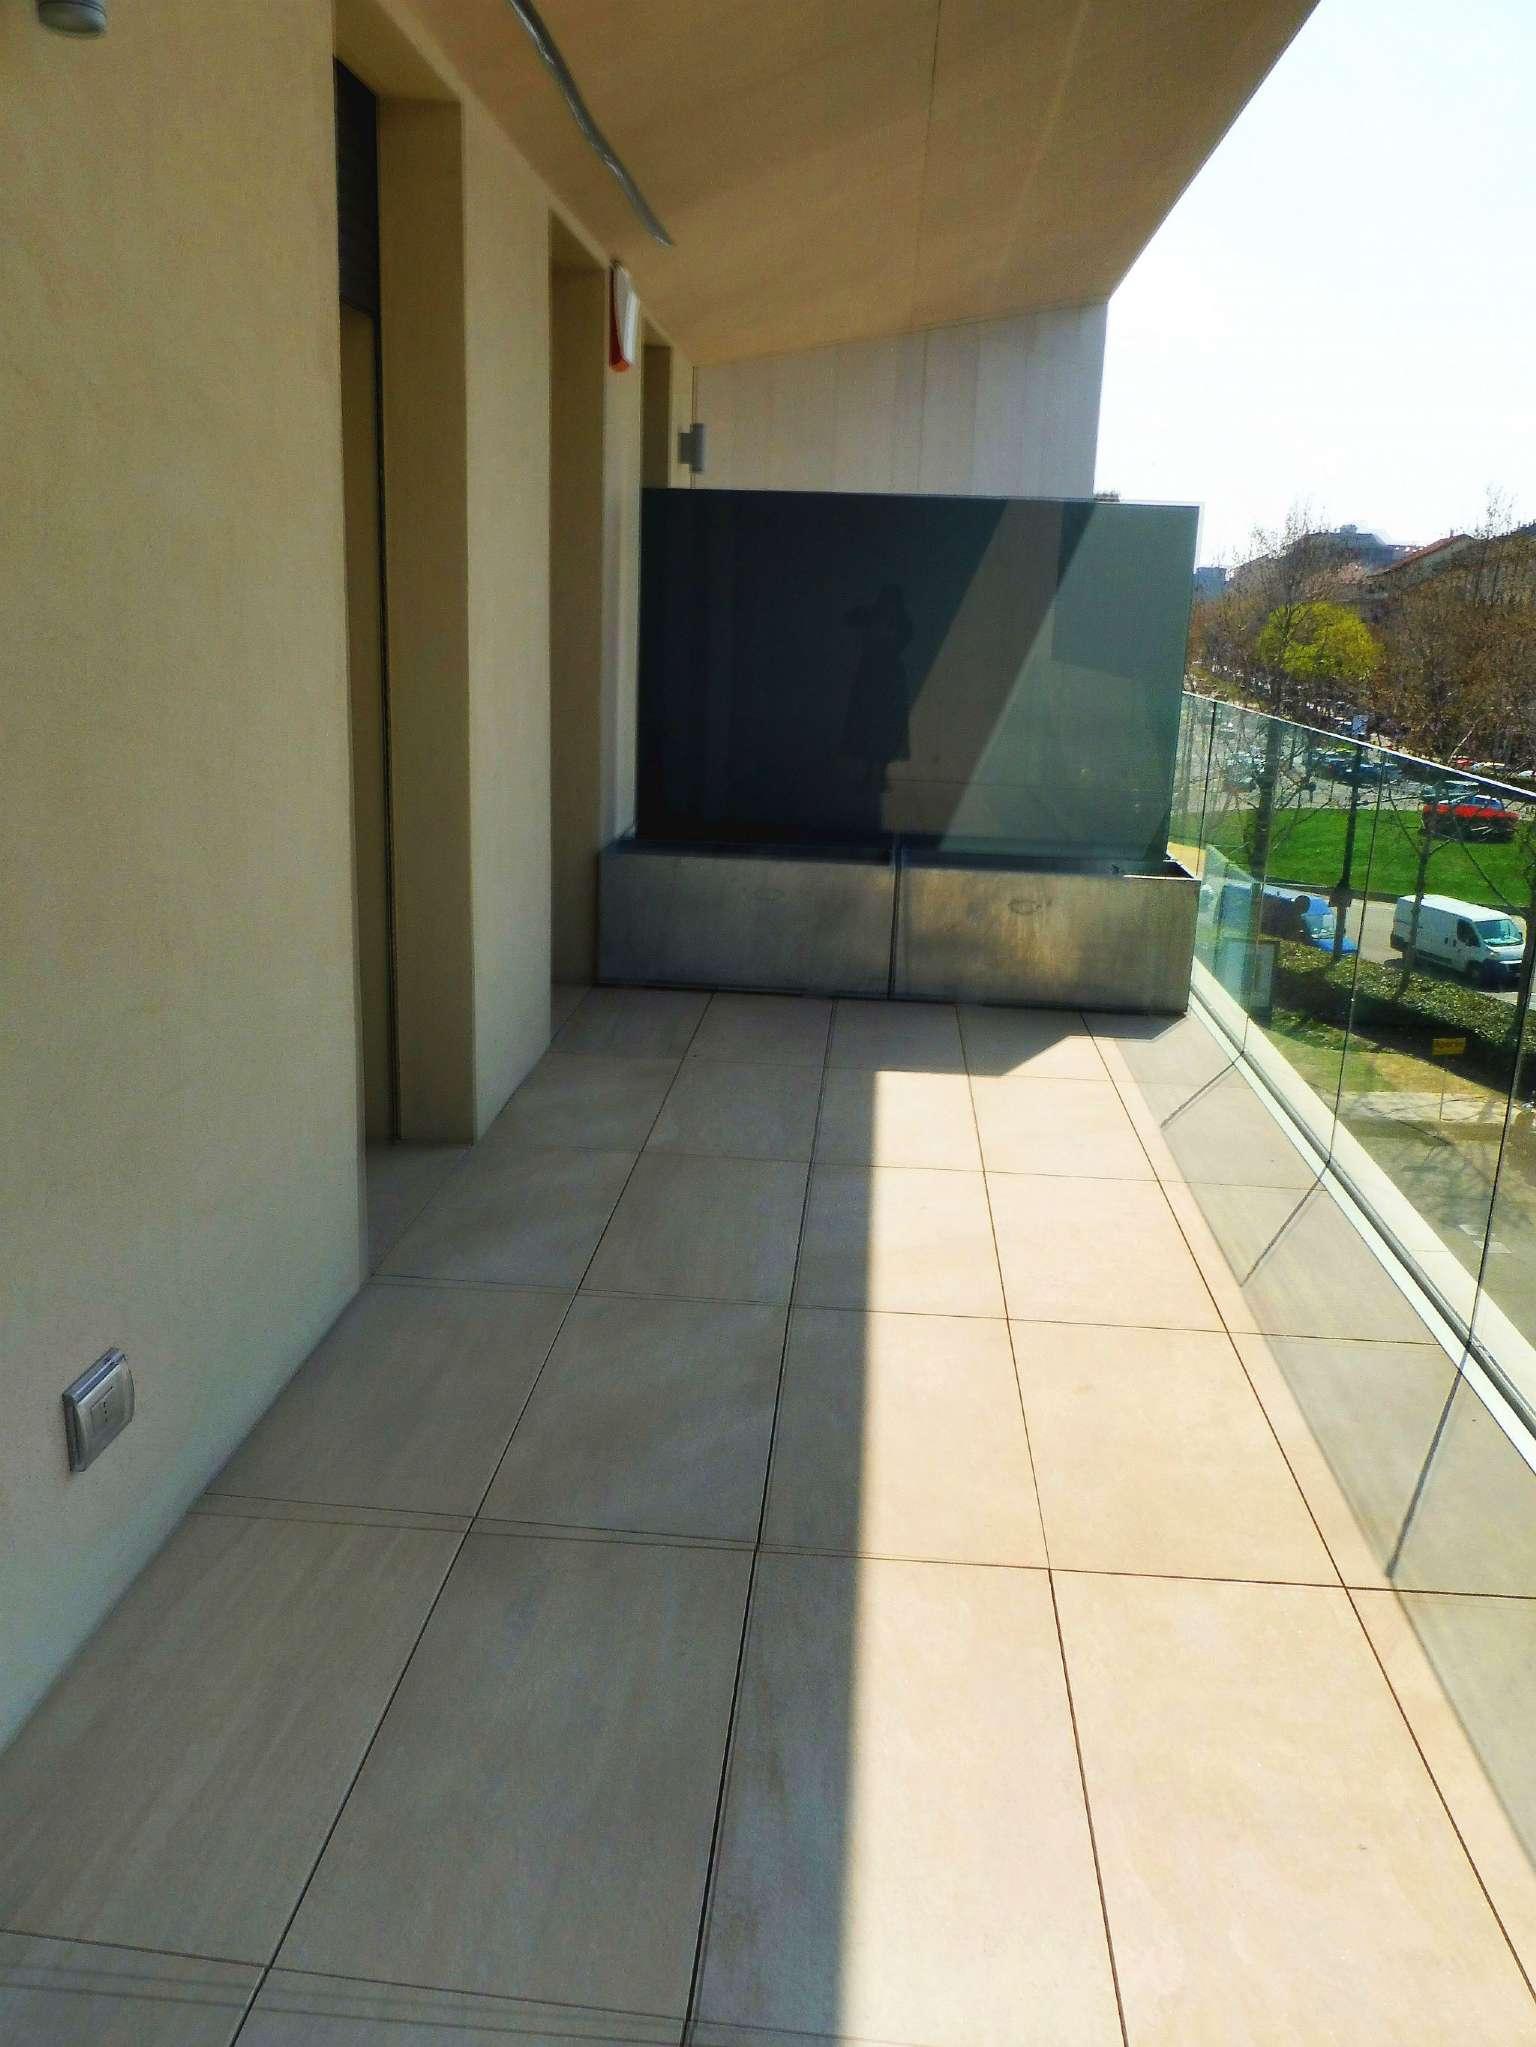 Foto 1 di Bilocale corso Tassoni, Torino (zona Cit Turin, San Donato, Campidoglio)